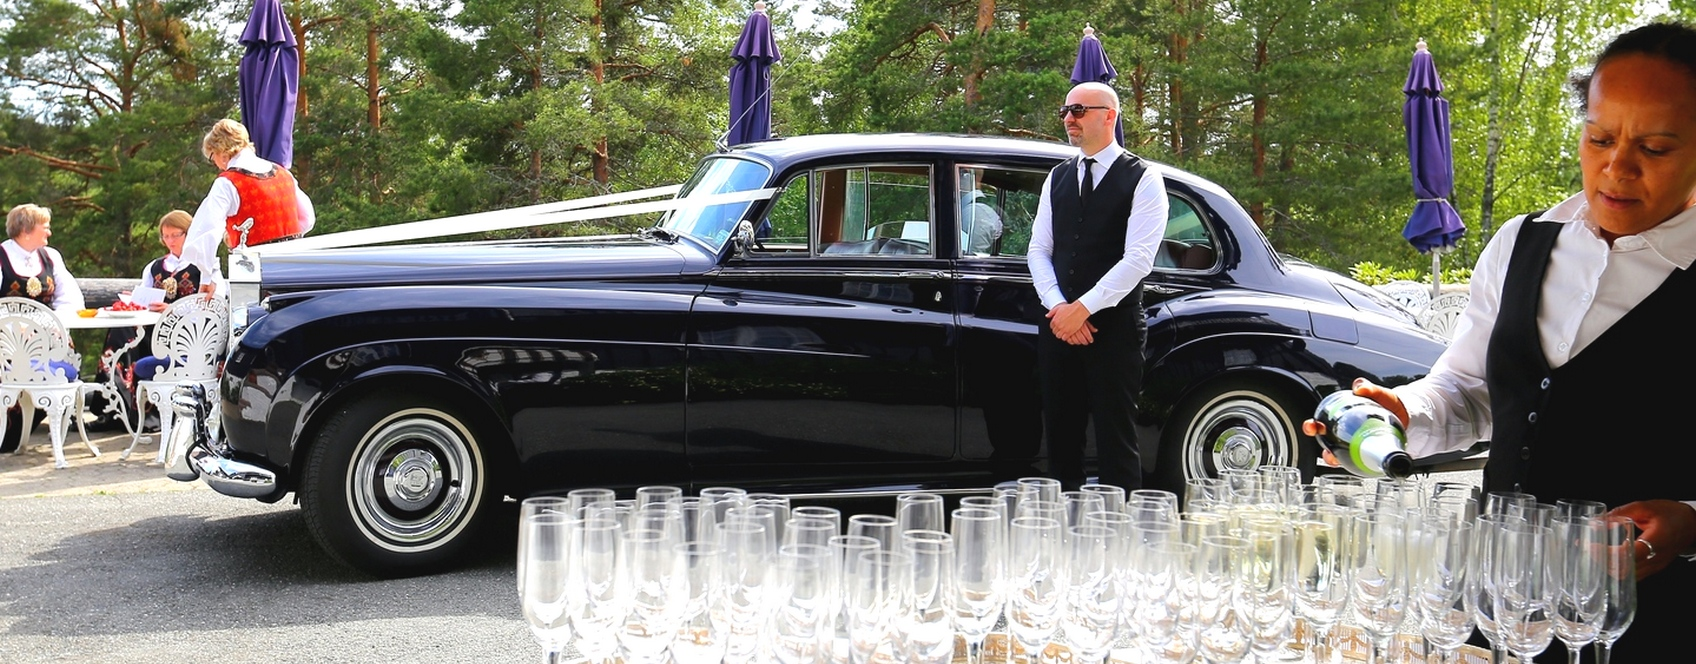 Vakker sekstitalls Rolls-Royce til leie i Bergen. Utleie alltid med stilfull sjåfør